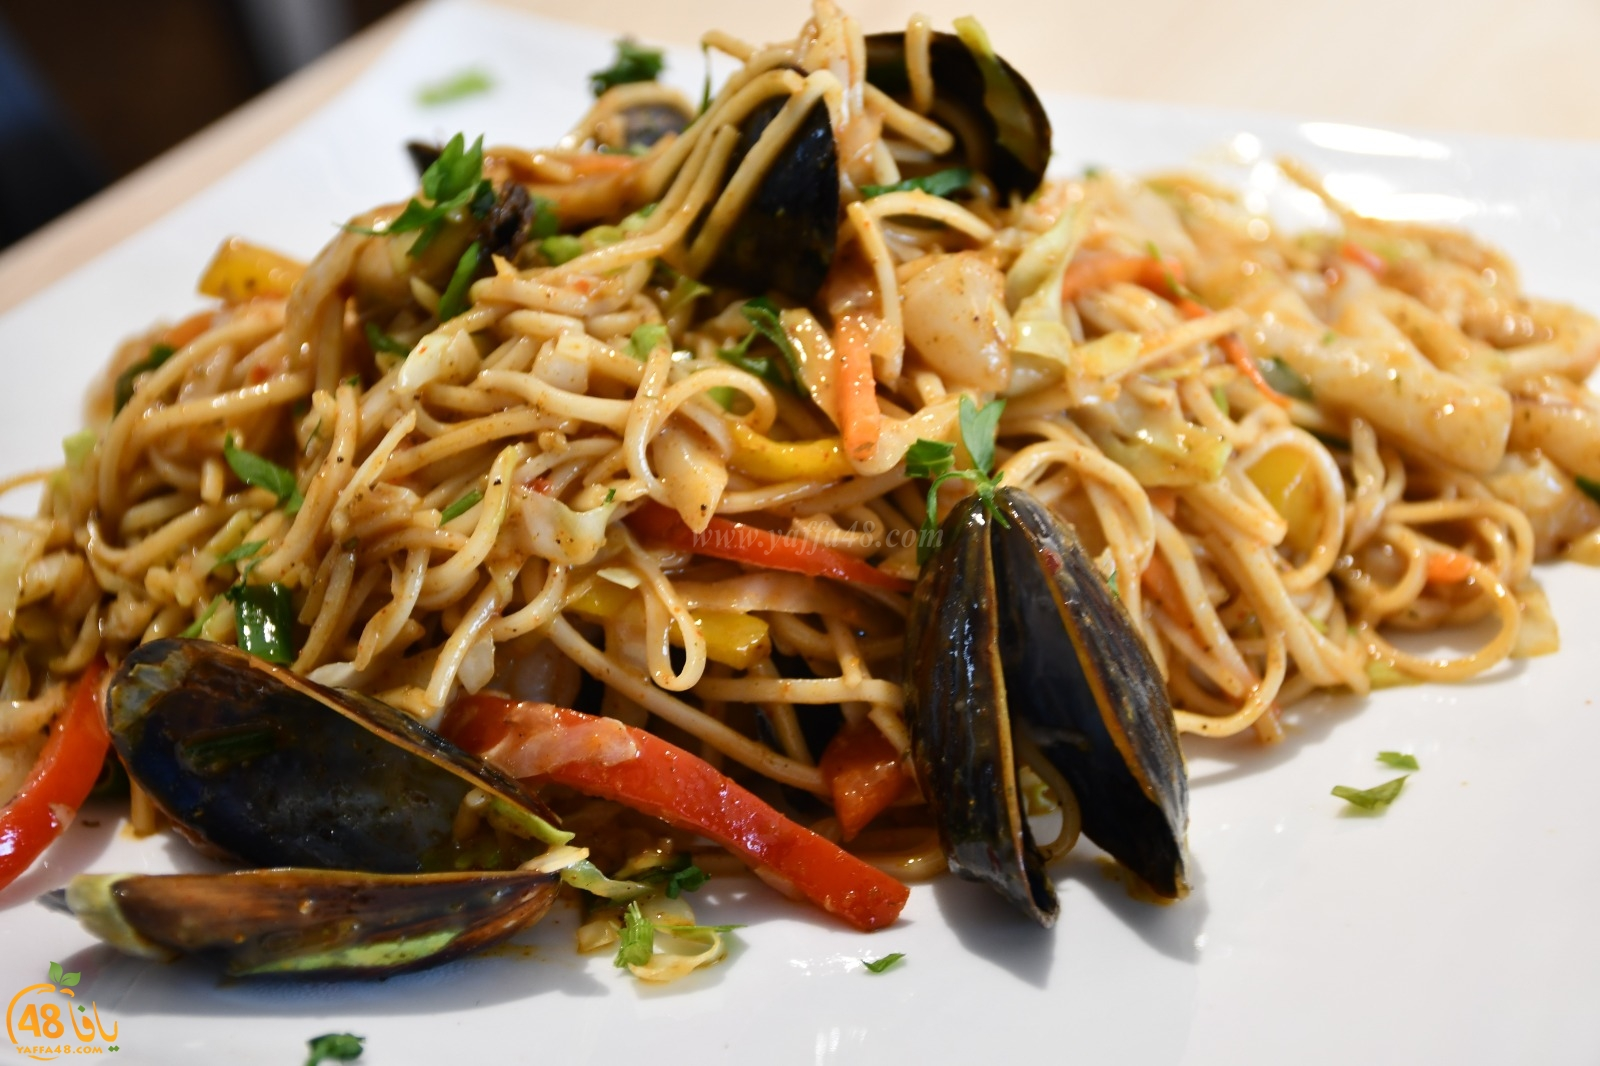 في هذا الطقس - ما الك الا تطلب وجبة بحرية شهيّة من مطعم كلماري بيافا